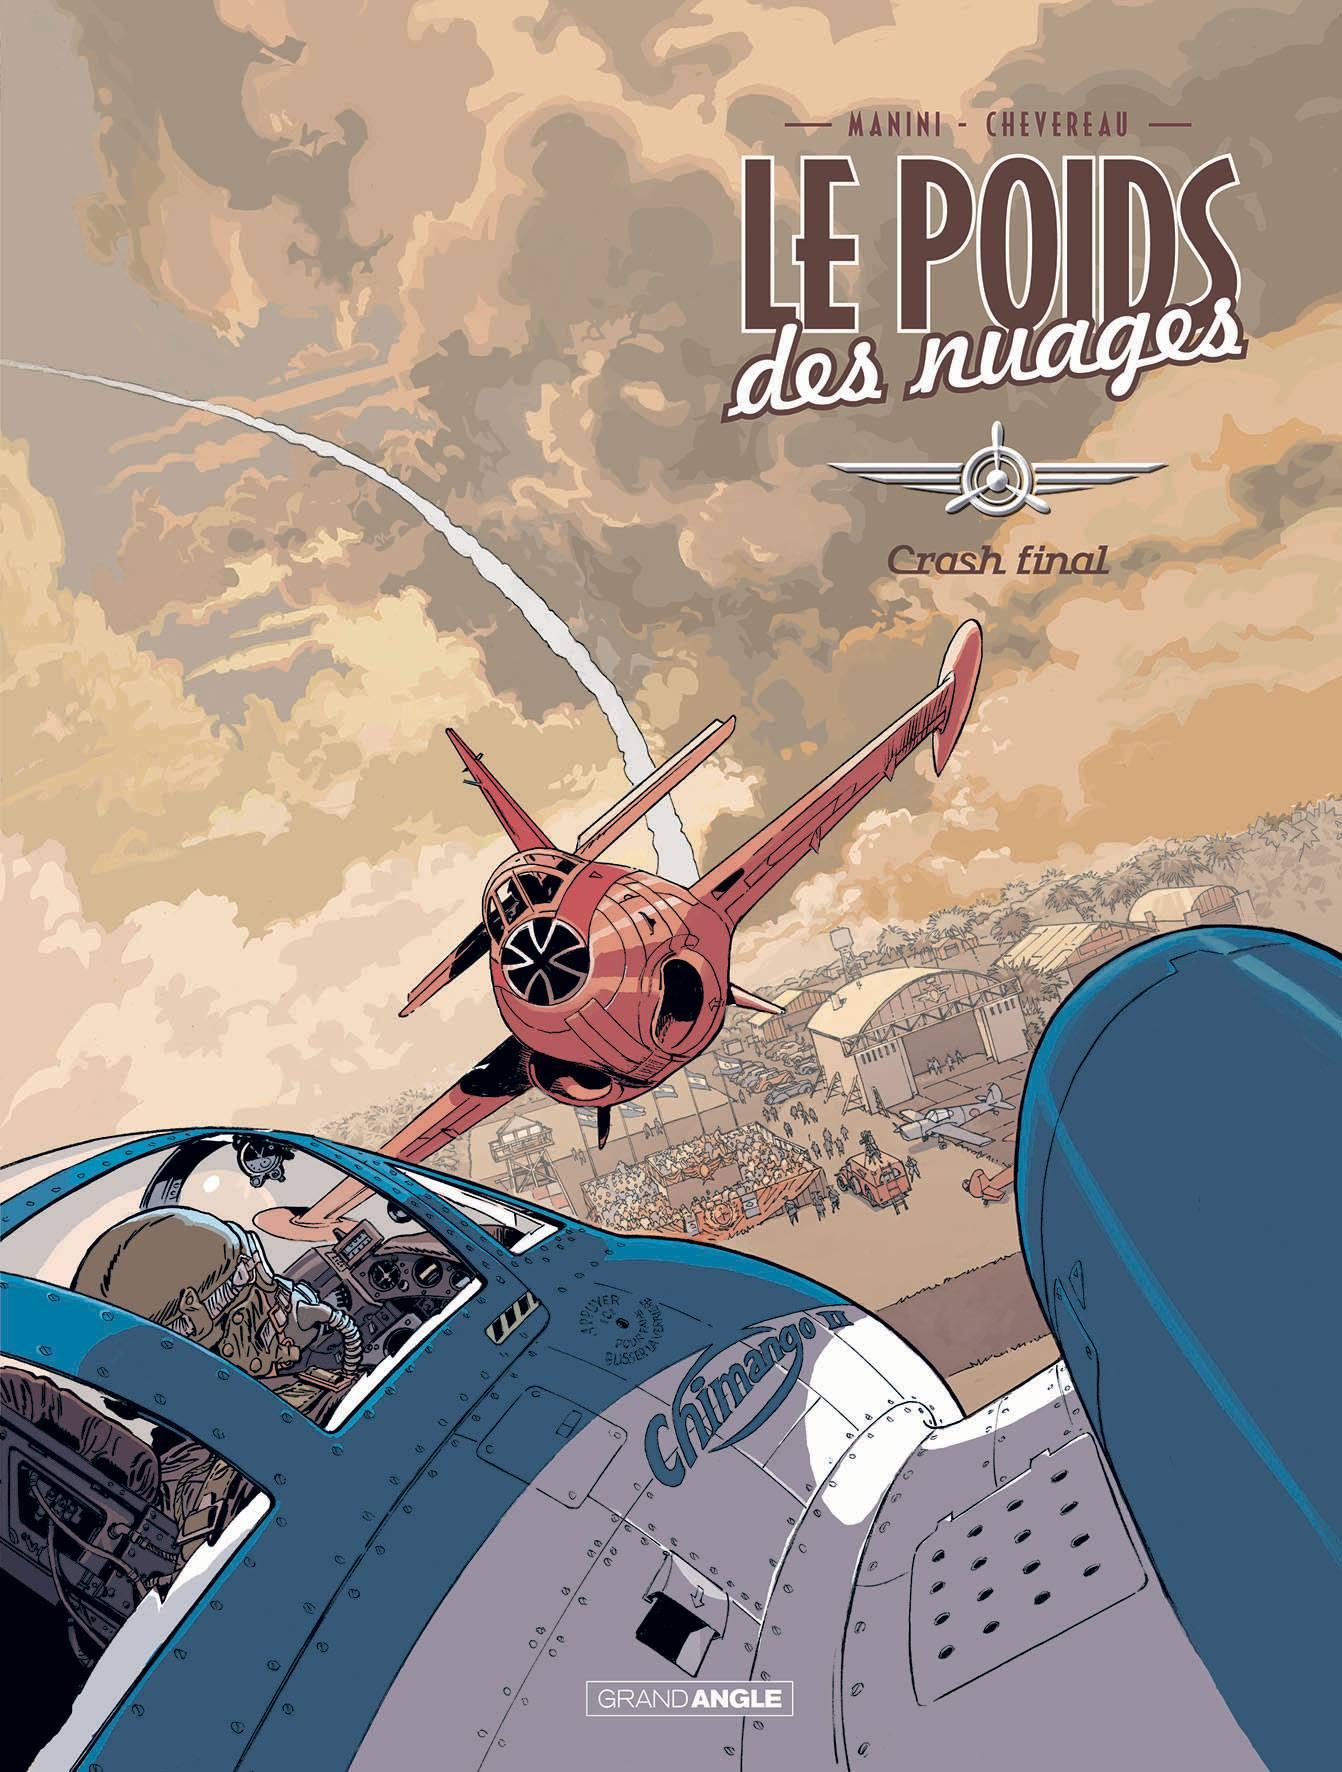 Le poids des nuages - Tome 2 - Crash final - Manini - Chevereau - Couverture